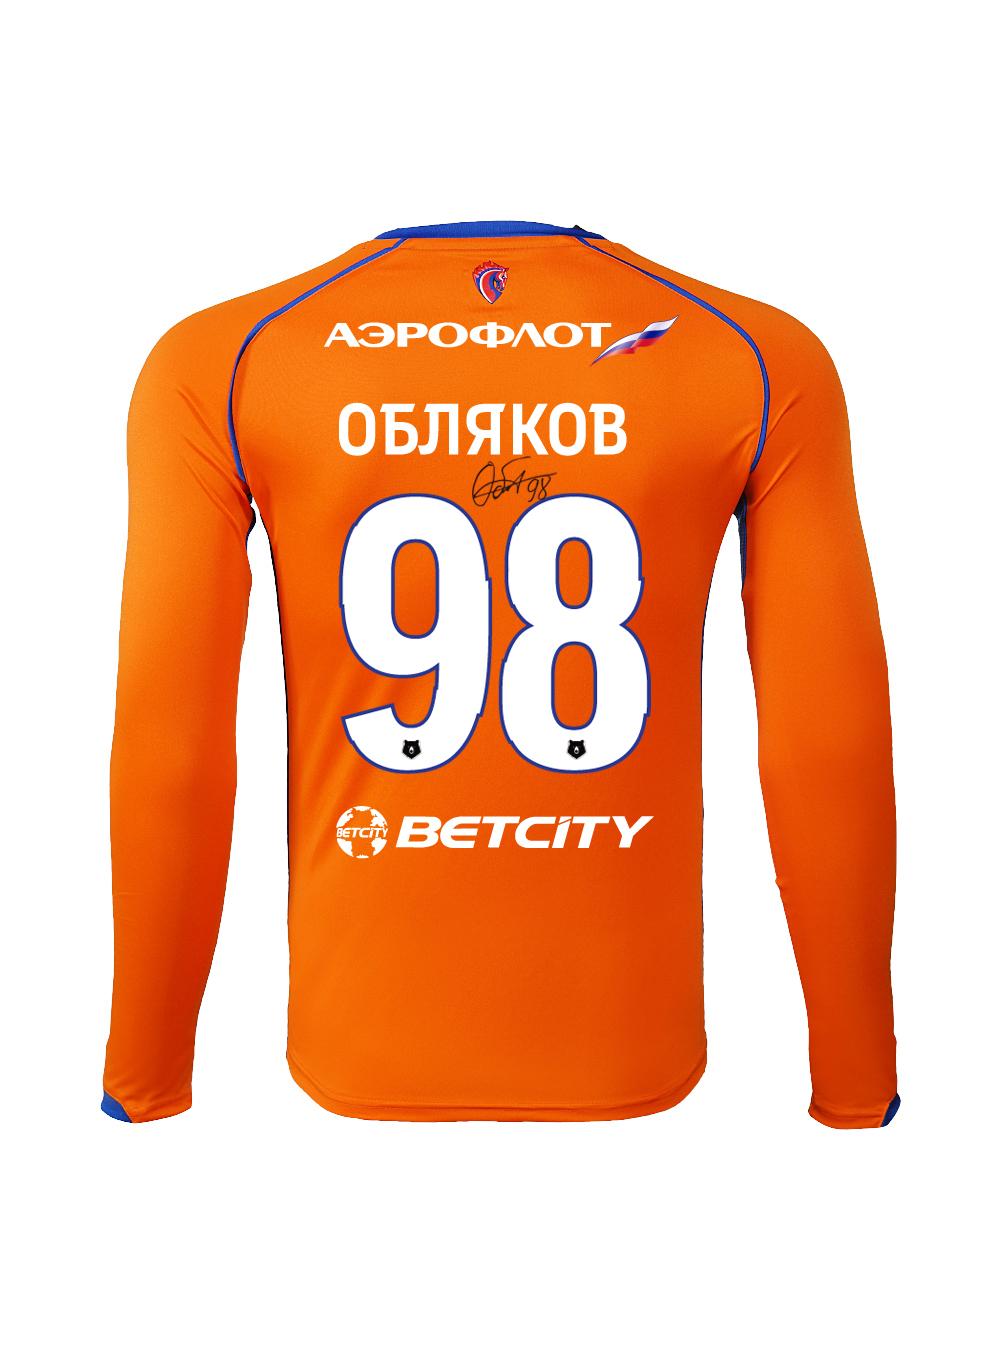 Купить Футболка игровая резервная с длинным рукавом с автографом ОБЛЯКОВА (S) по Нижнему Новгороду